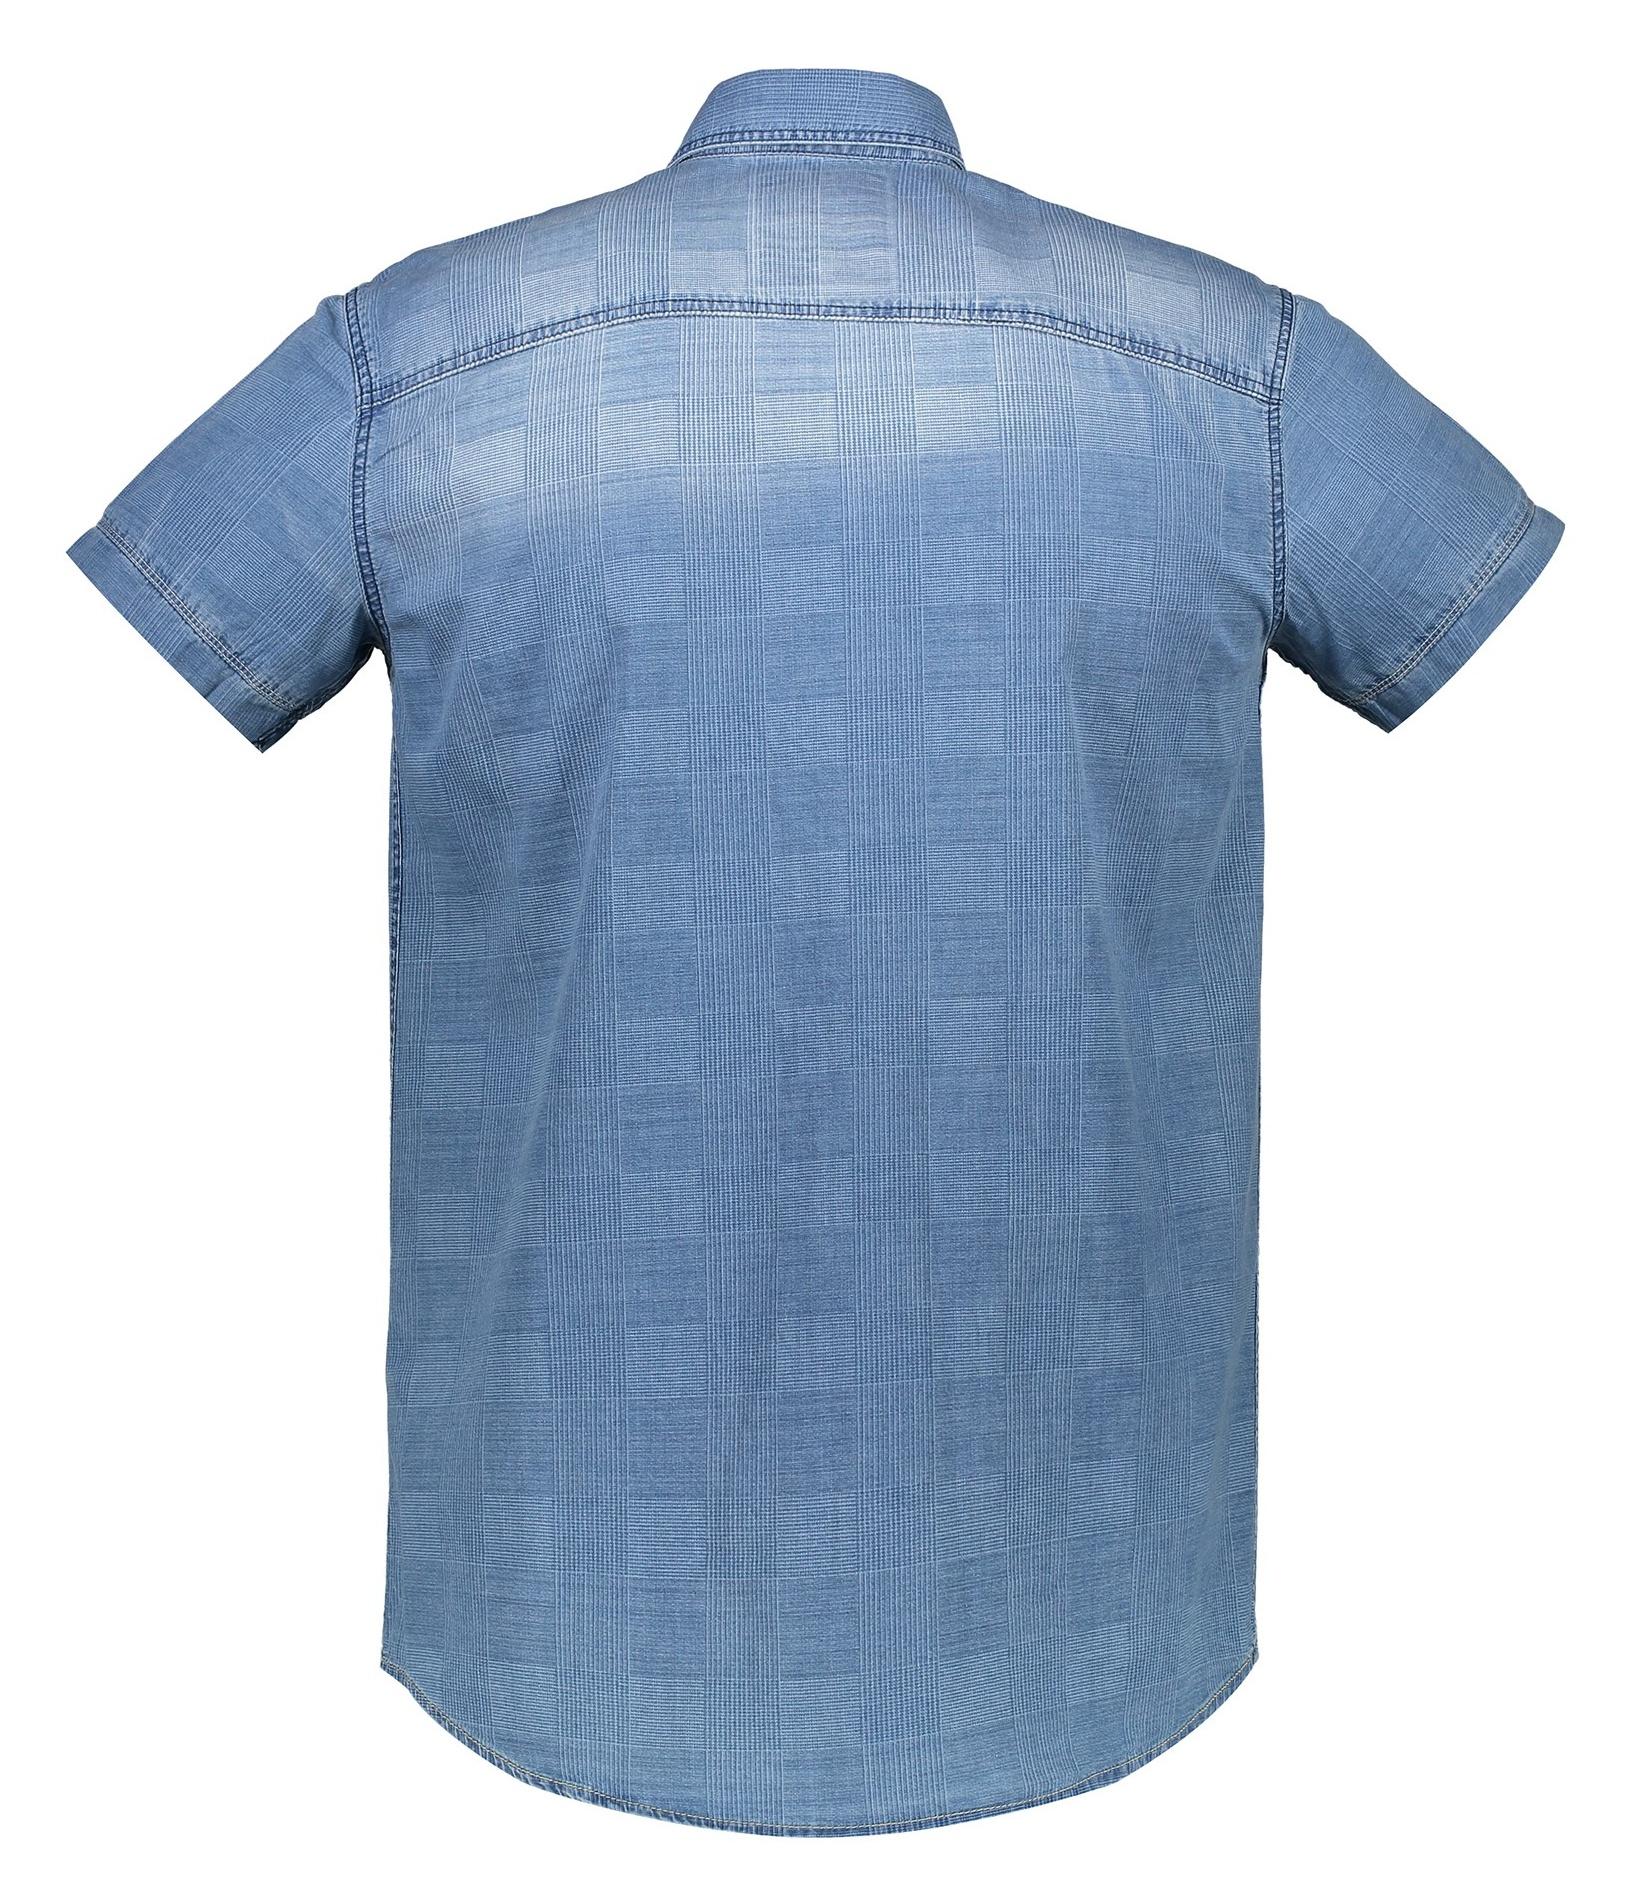 پیراهن جین آستین کوتاه مردانه - ال سی وایکیکی - آبي - 2